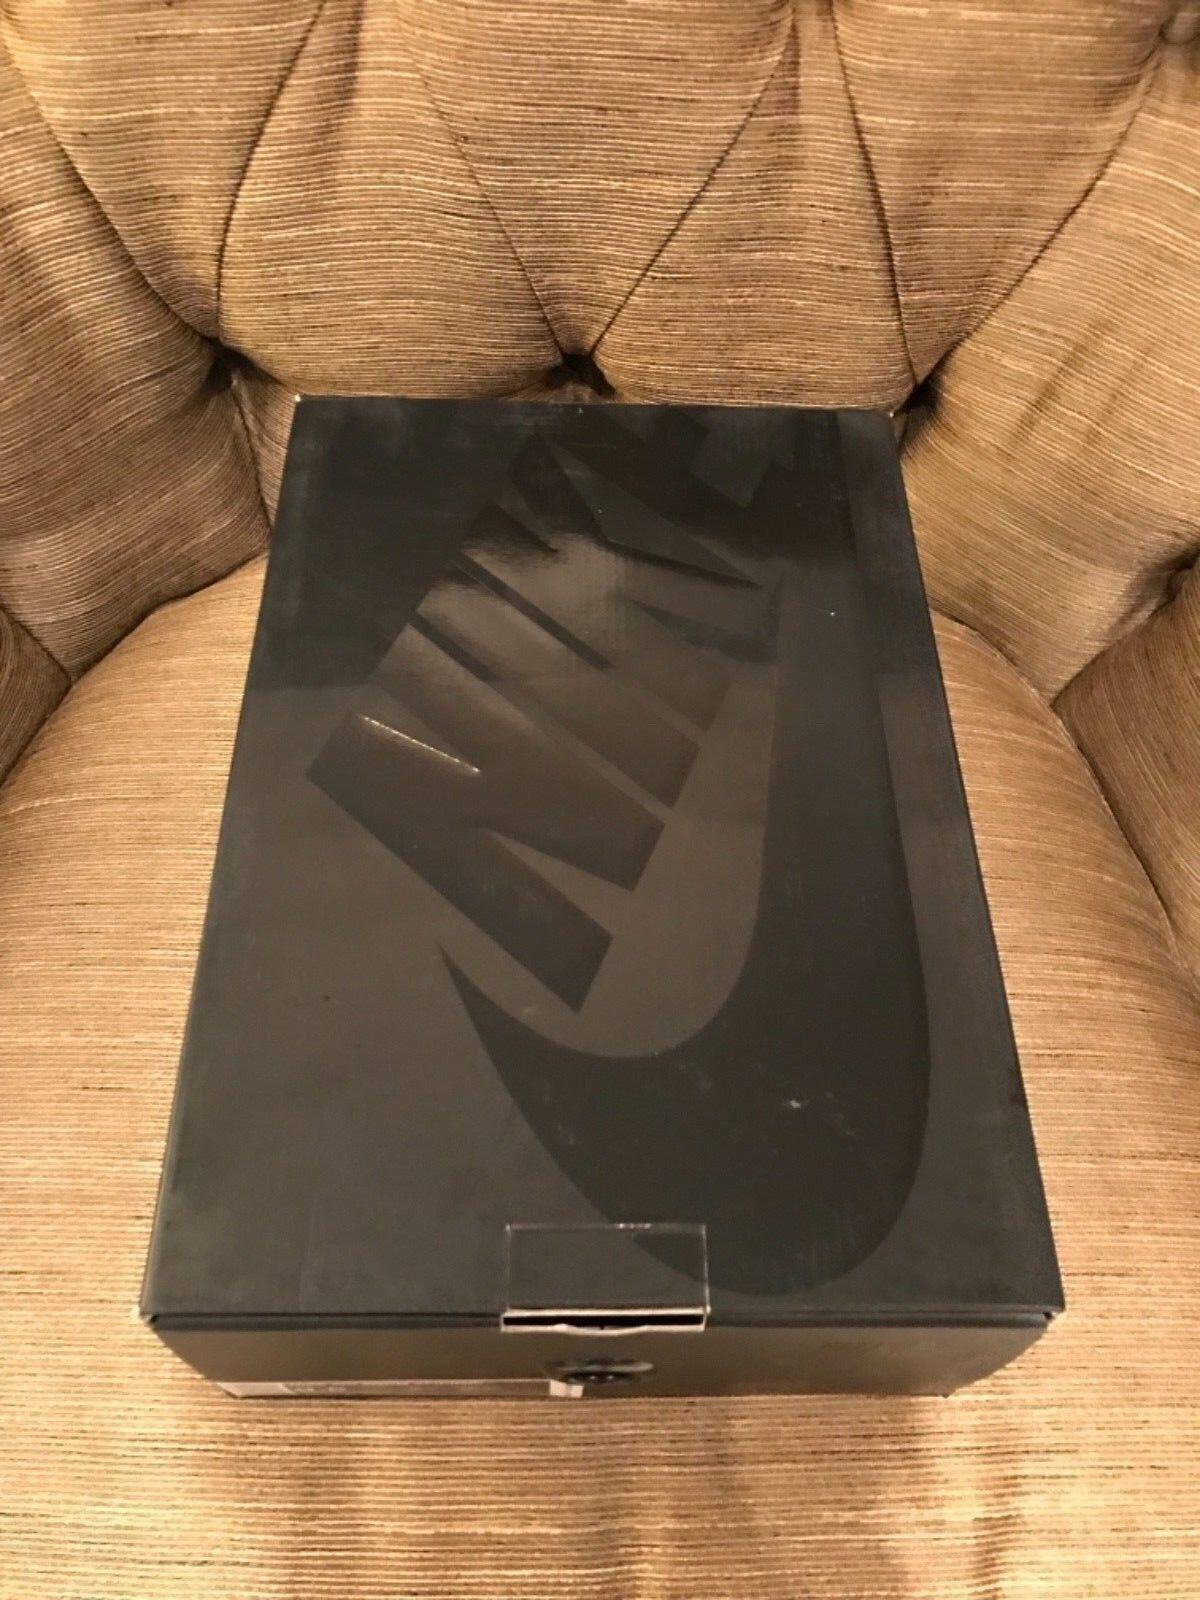 Nike air zoom spirimic platin - new grau 200 dollar den new - in box authentische größe 10. 12923d